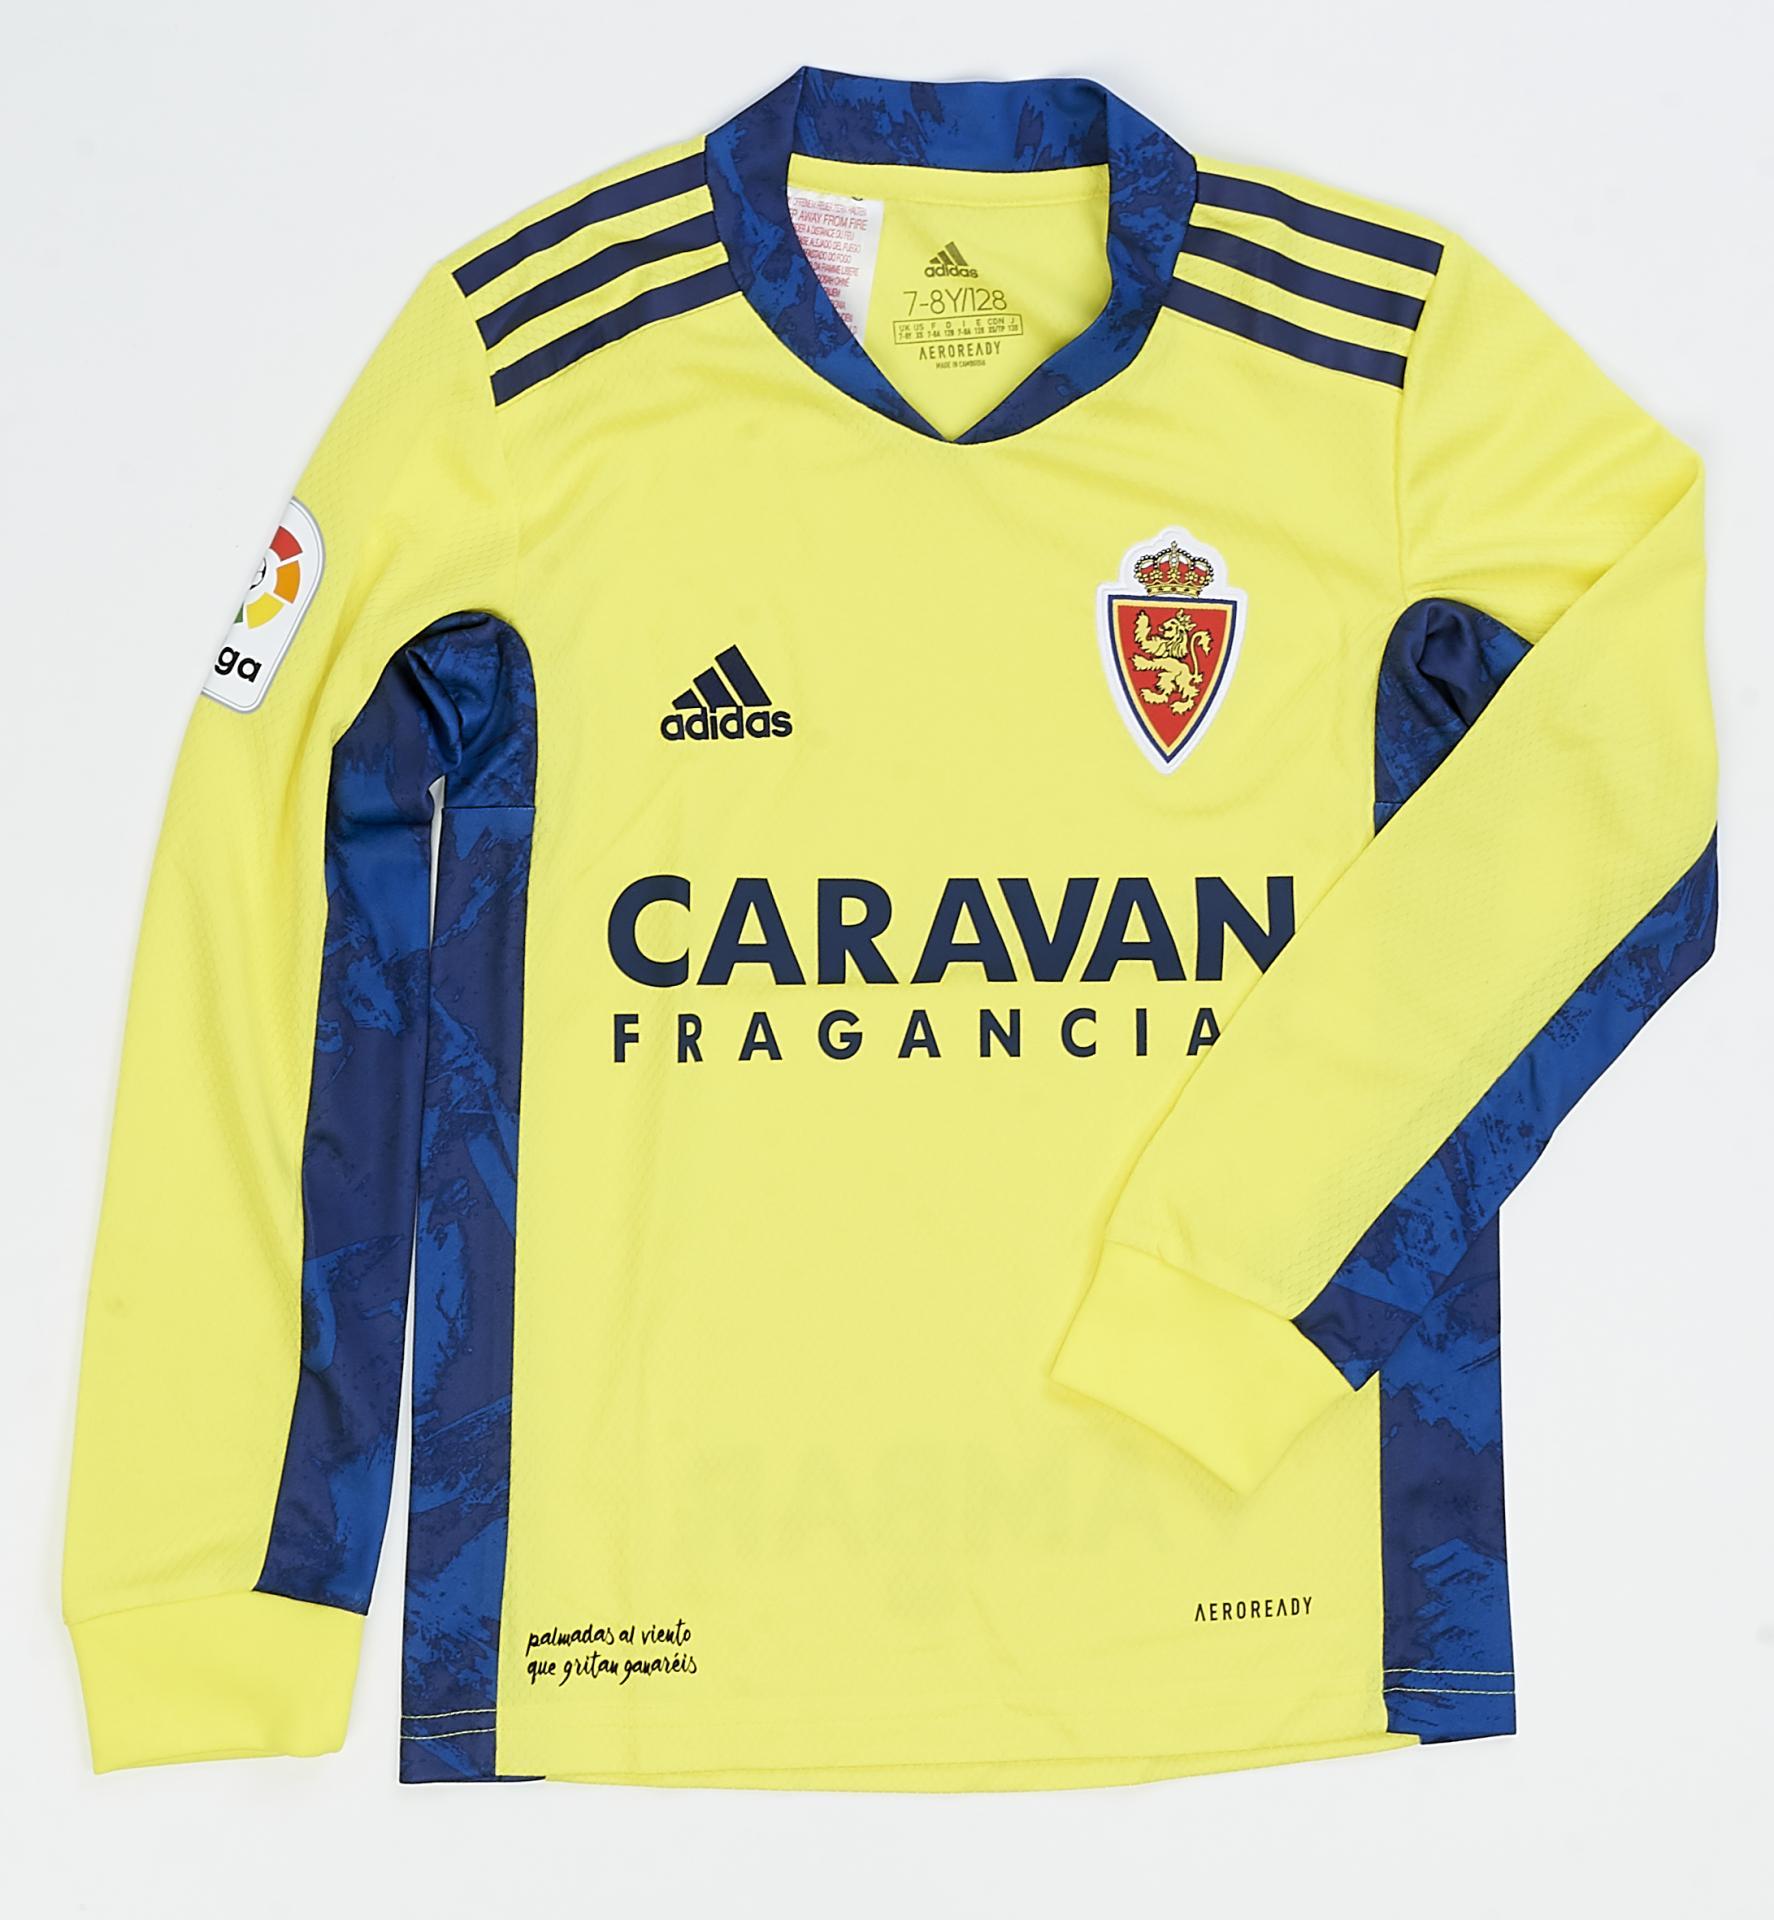 Camiseta infantil portero amarilla 2020-2021